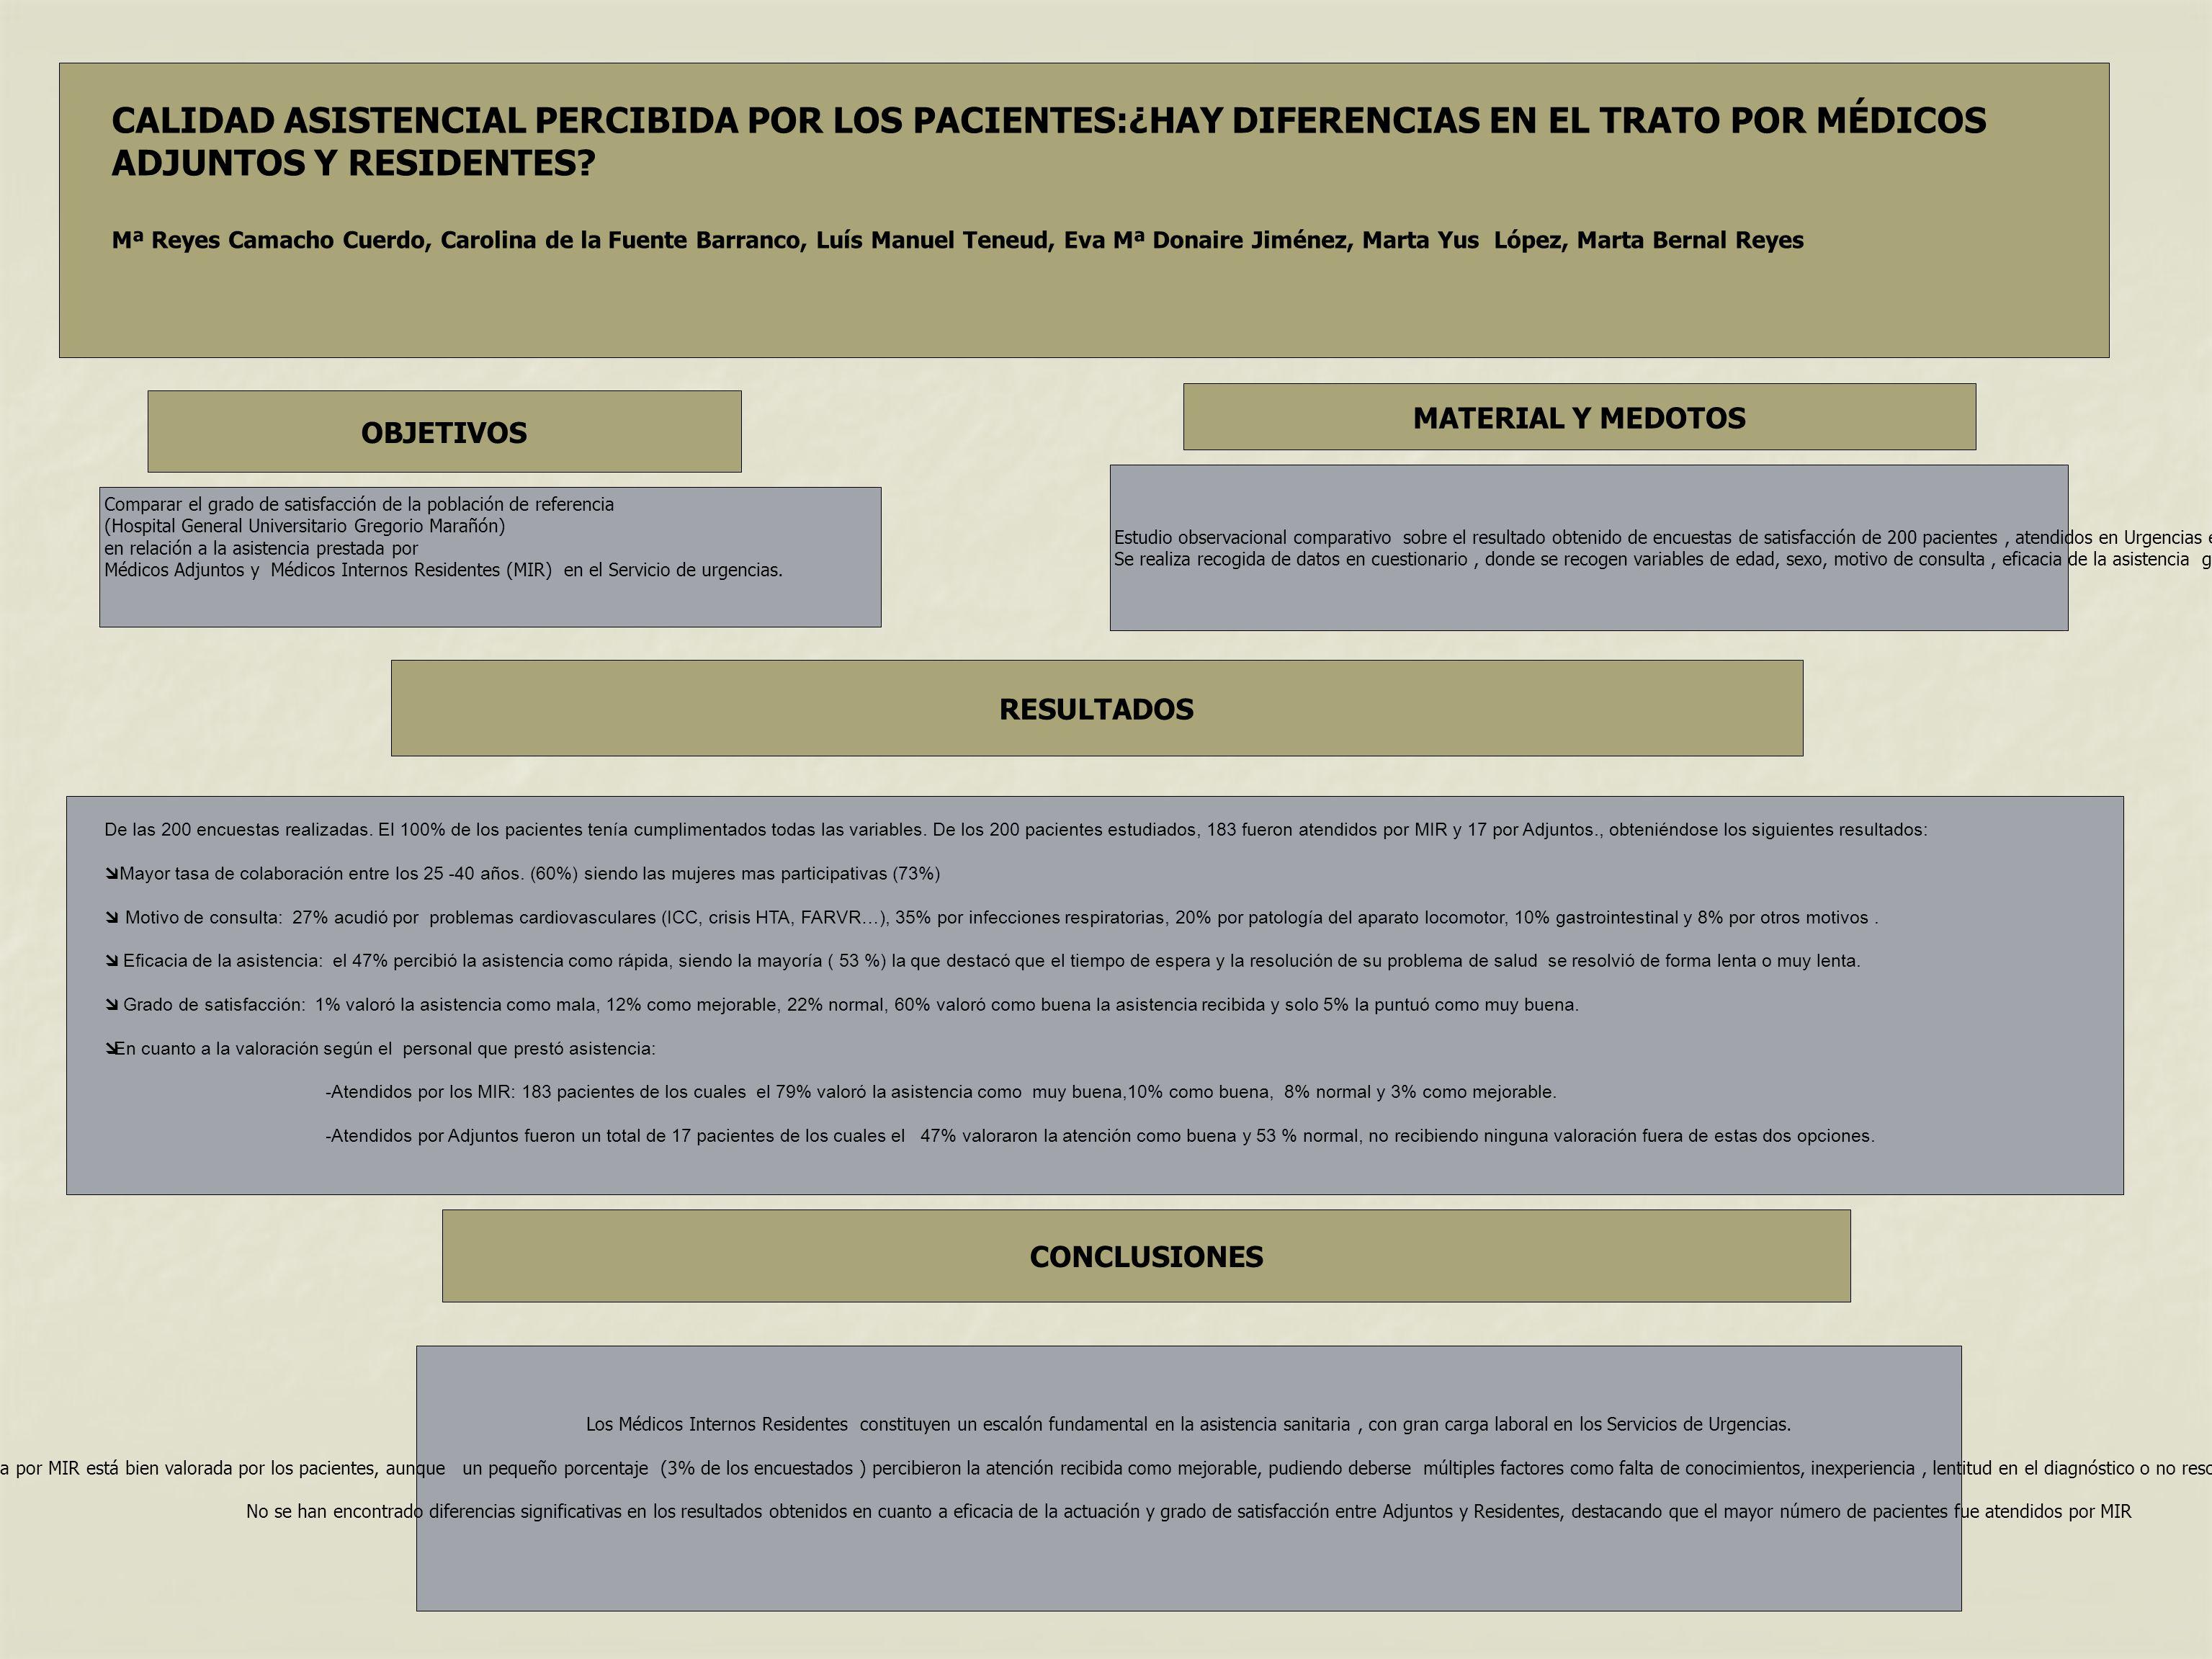 CALIDAD ASISTENCIAL PERCIBIDA POR LOS PACIENTES:¿HAY DIFERENCIAS EN EL TRATO POR MÉDICOS ADJUNTOS Y RESIDENTES